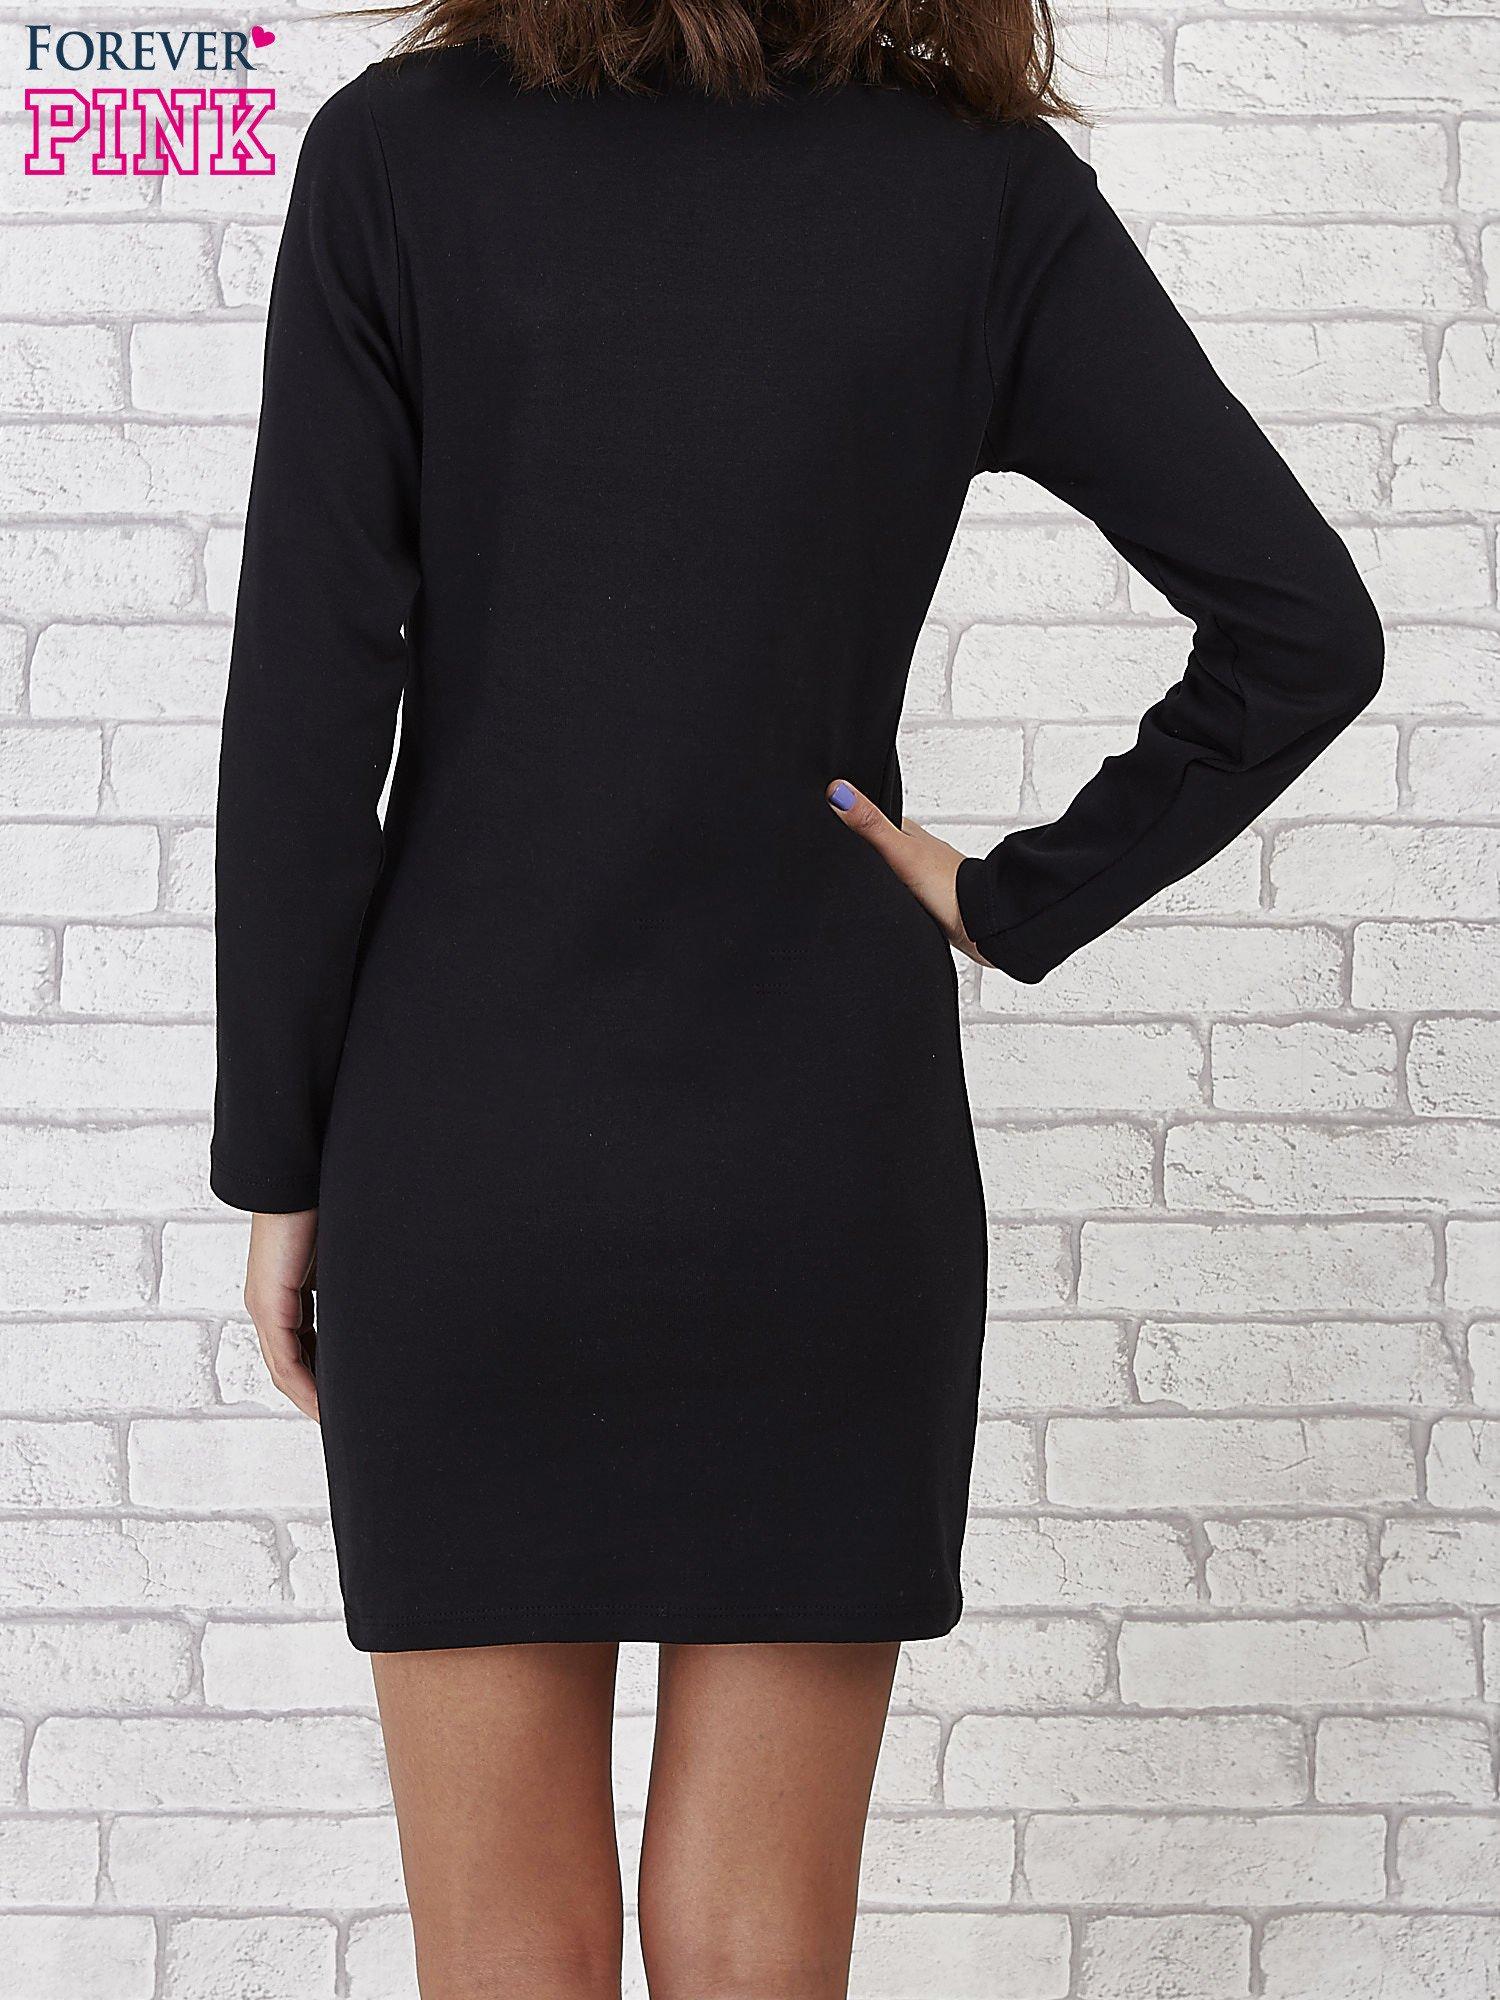 Czarna prosta sukienka z koronkowym dekoltem                                  zdj.                                  3